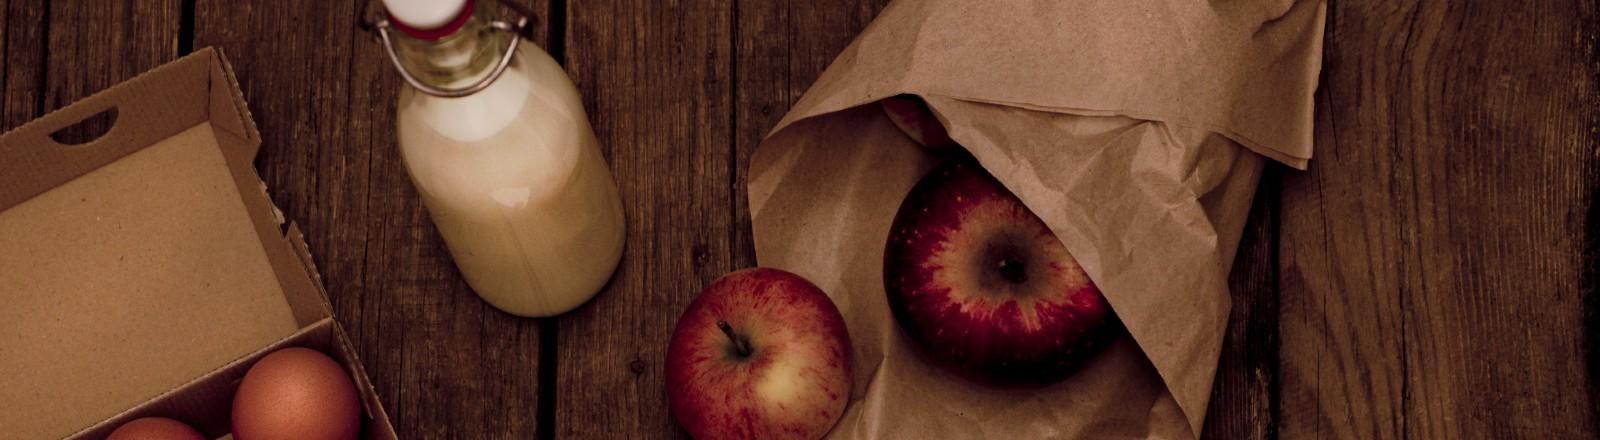 Eier, Milch und Äpfel liegen auf einem Holztisch.